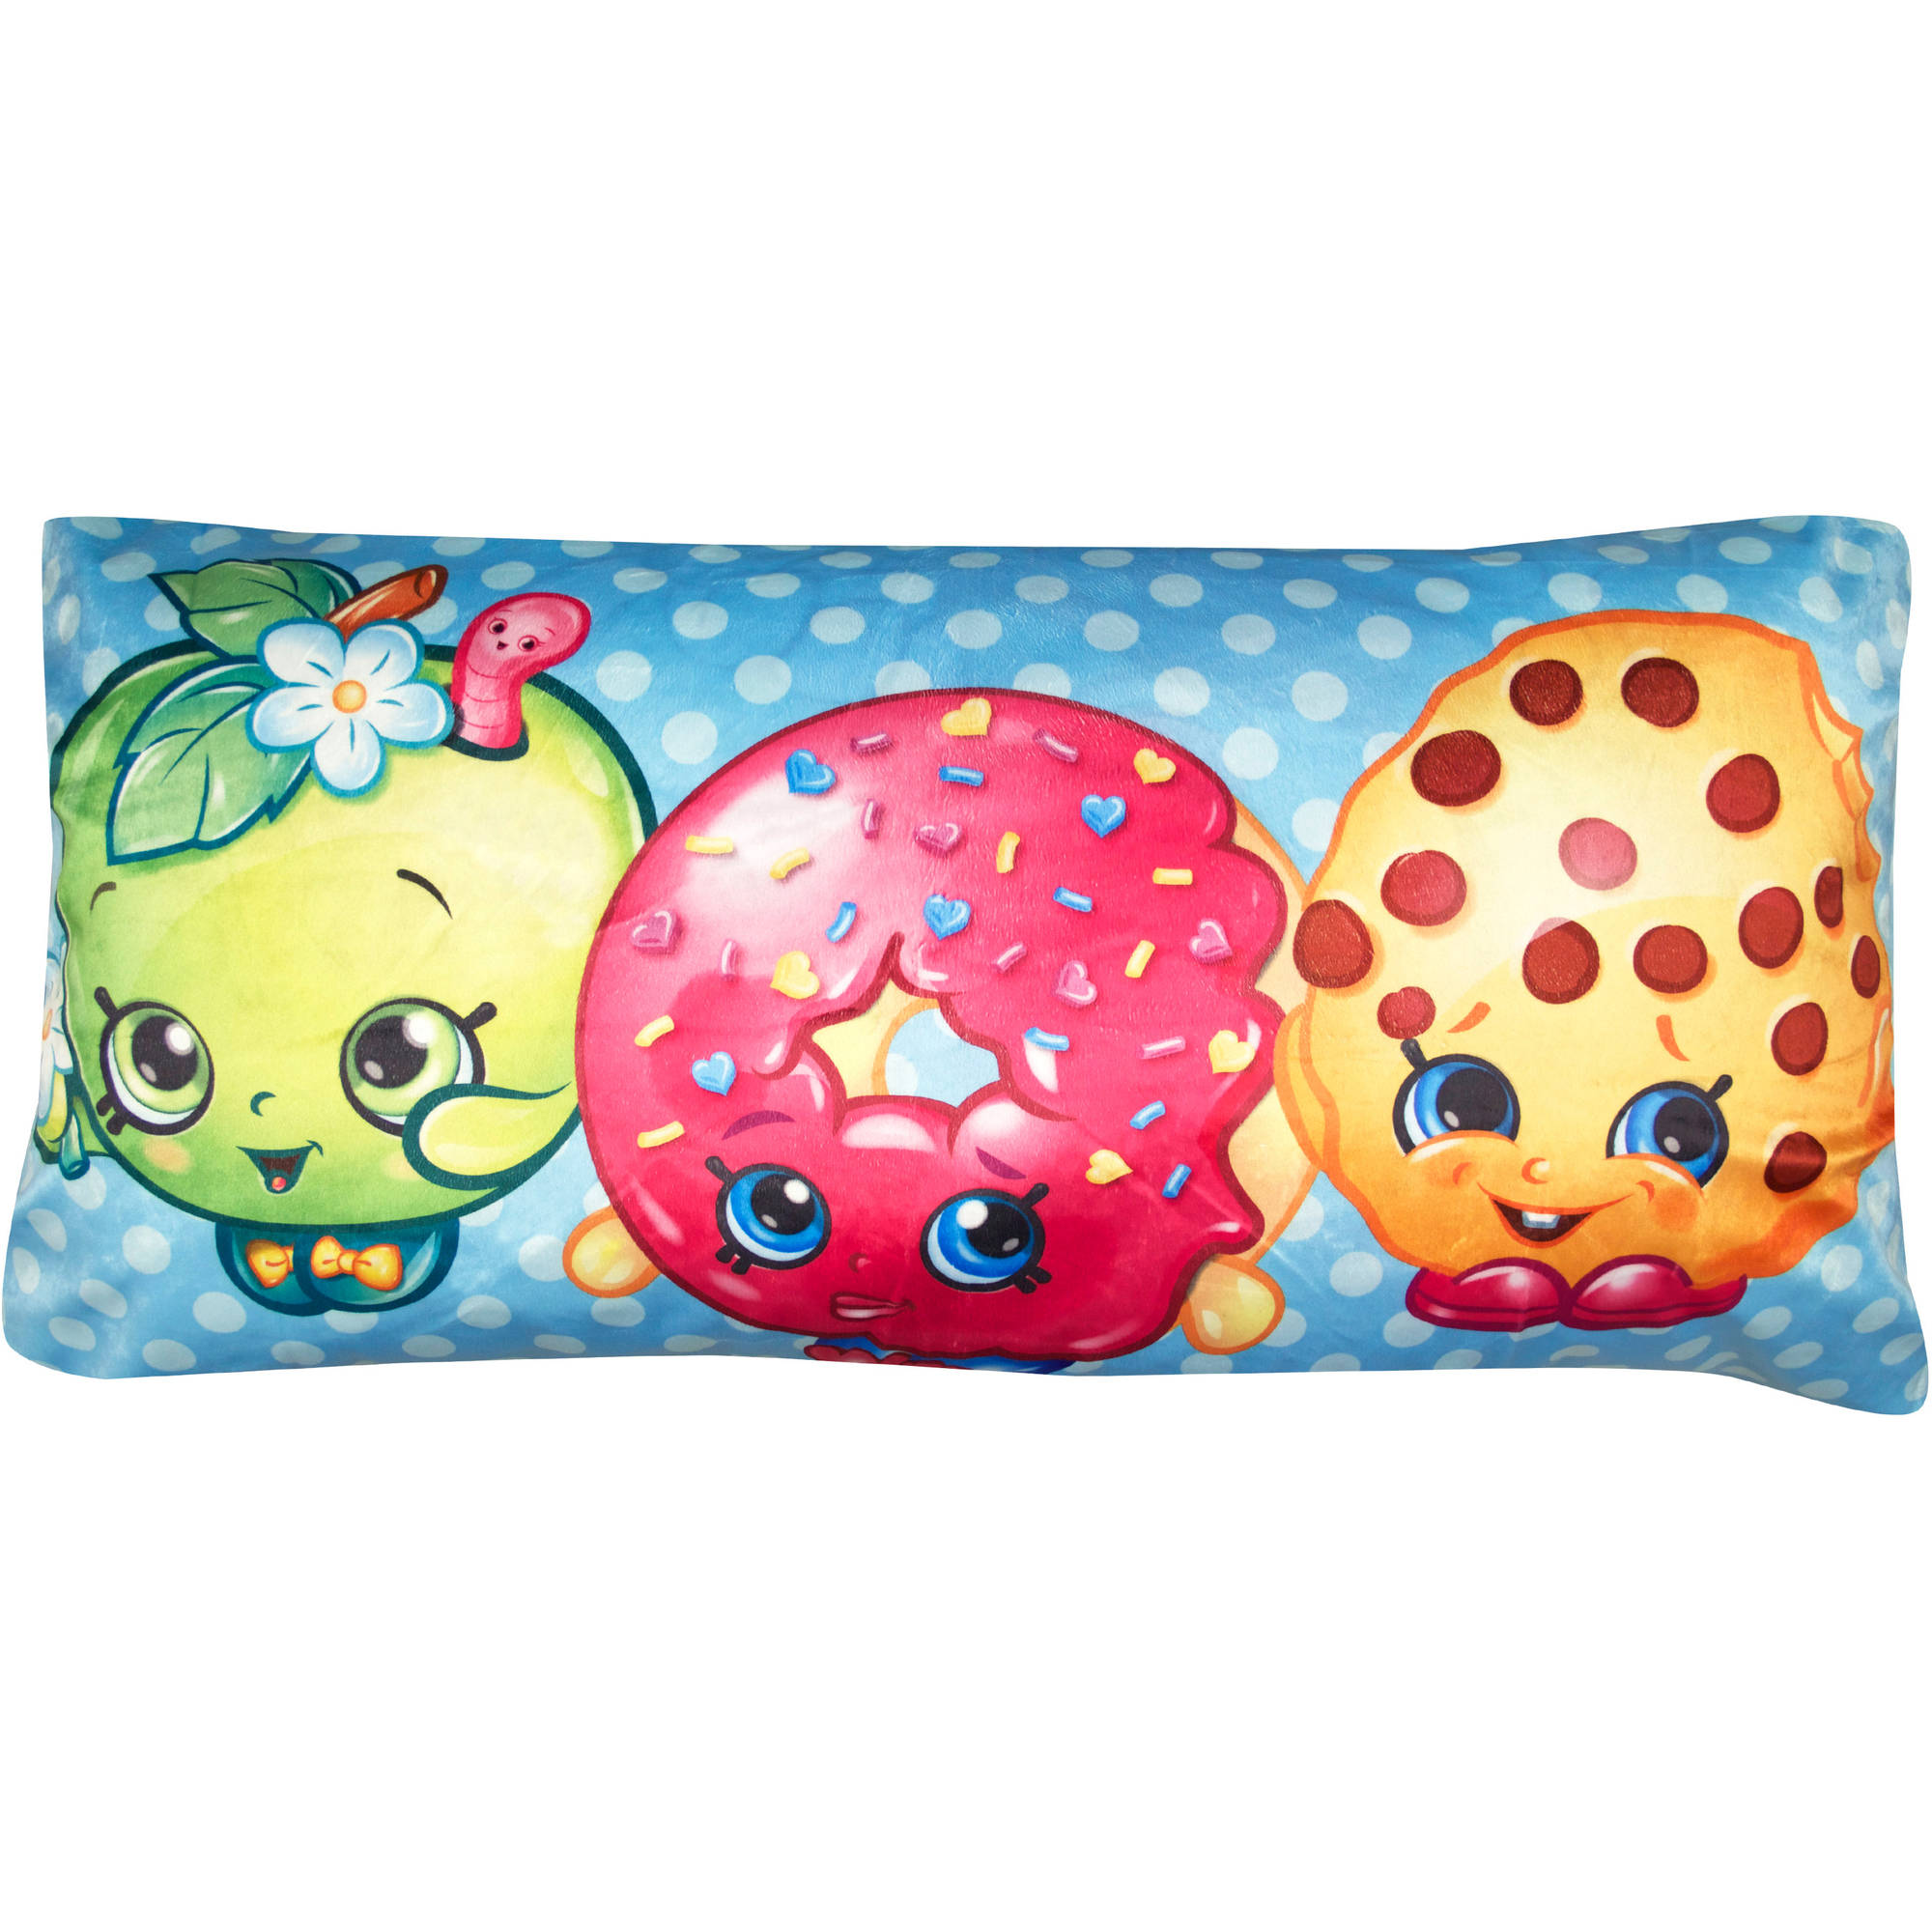 Shopkins Body Pillow